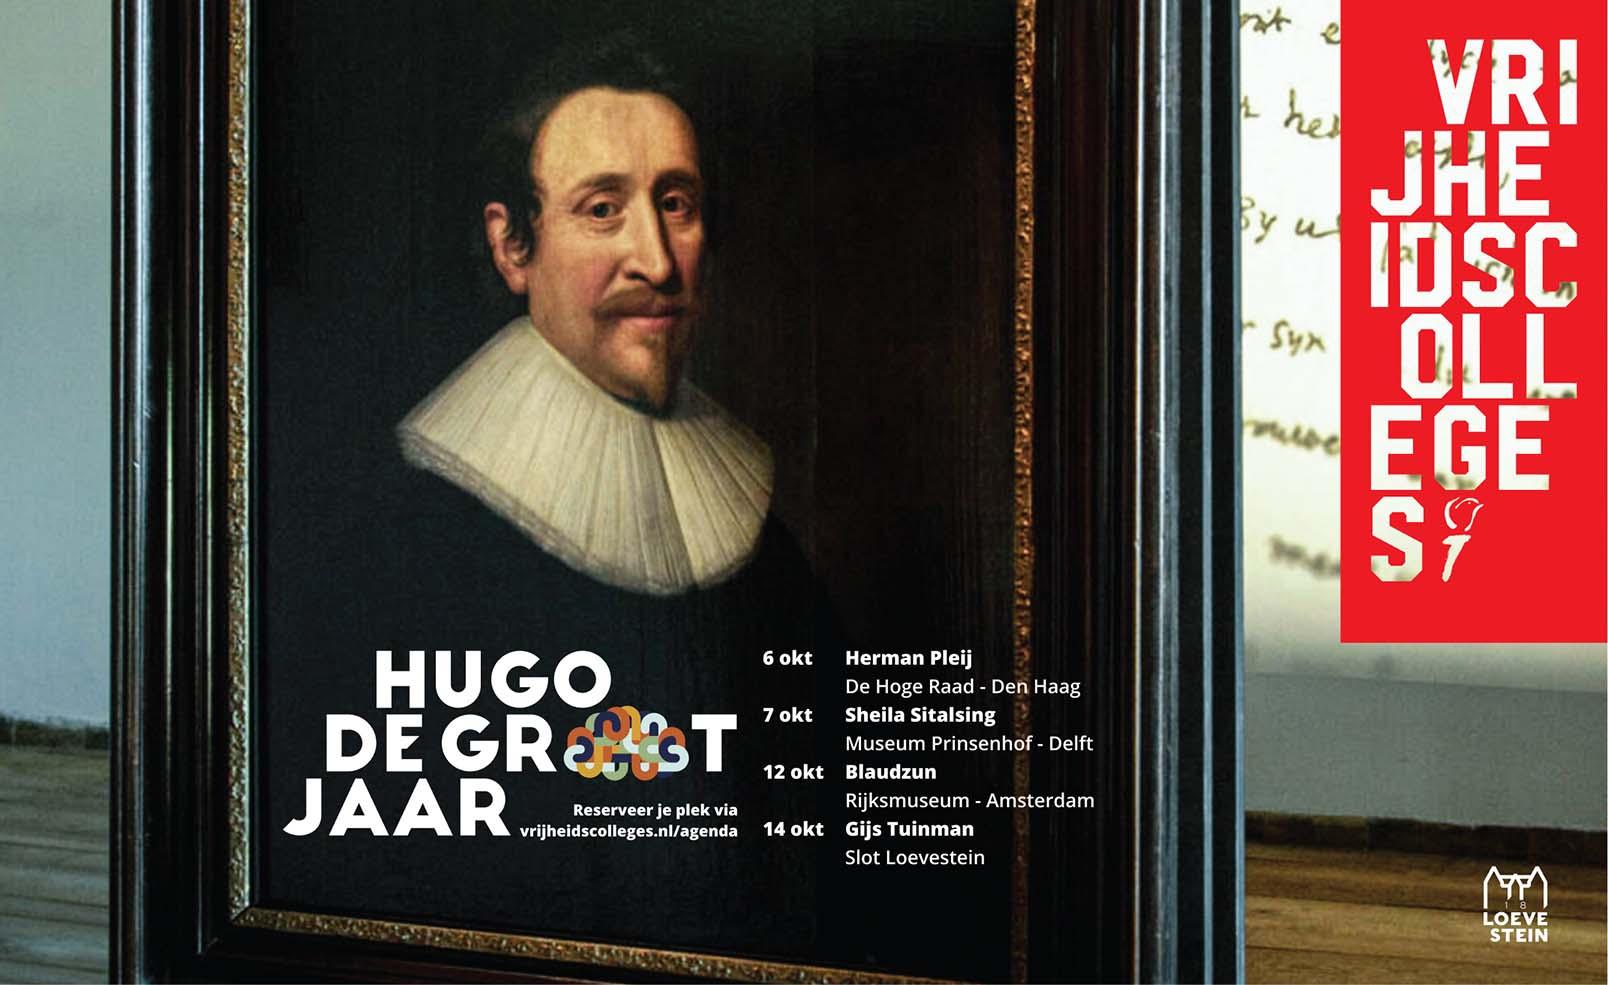 Hugo de Grootjaar | Vrijheidscolleges